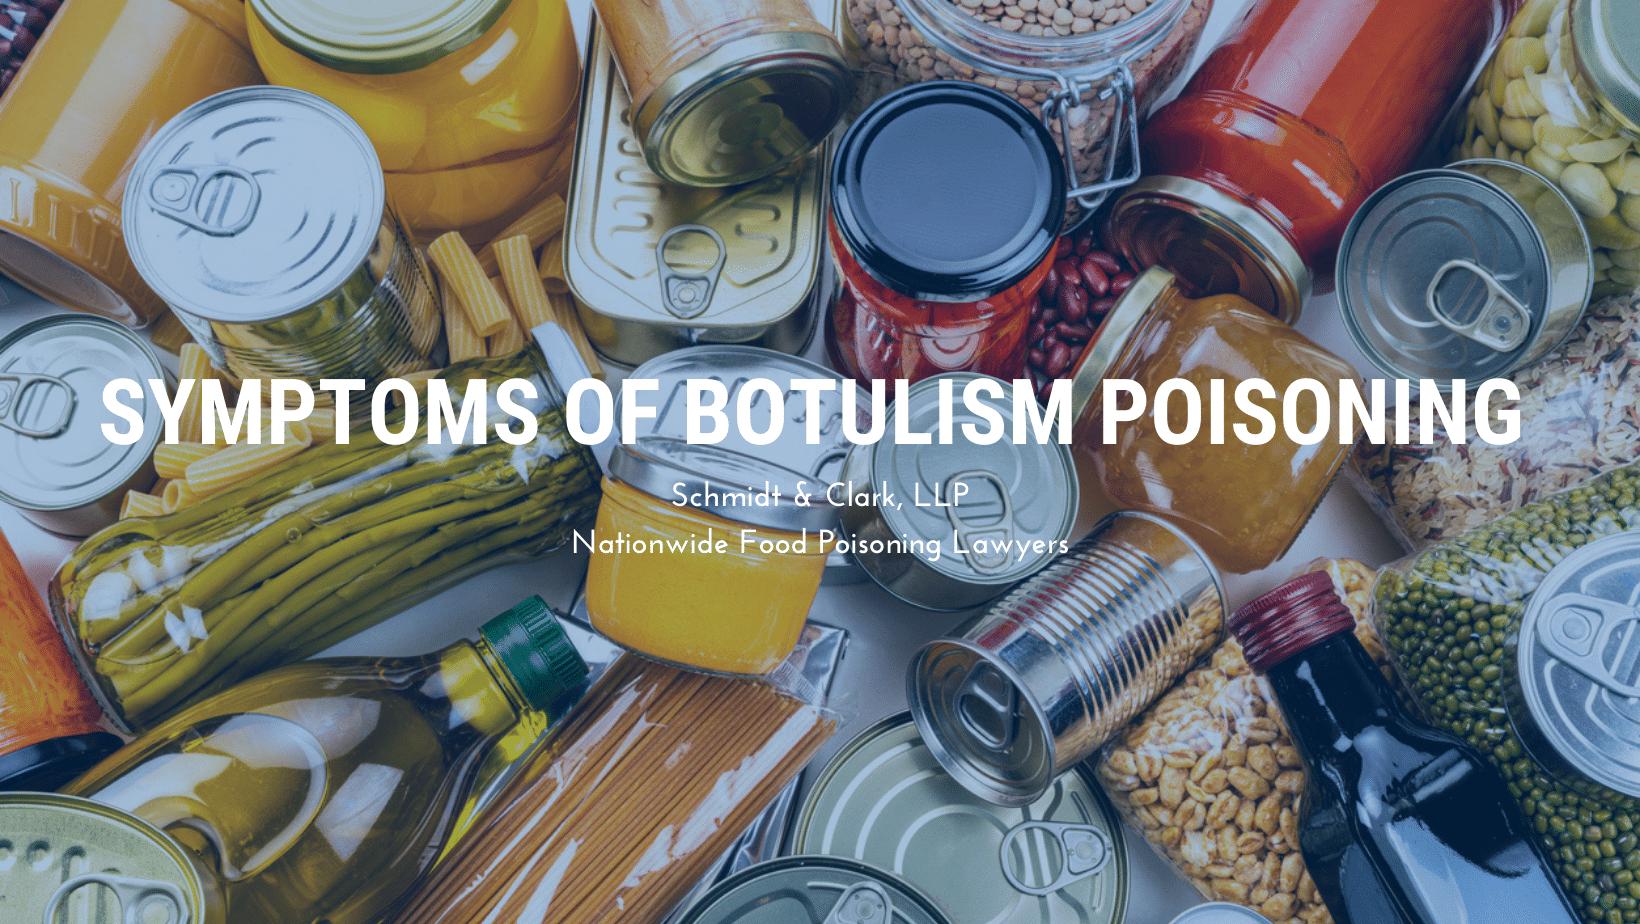 Symptoms of Botulism Poisoning